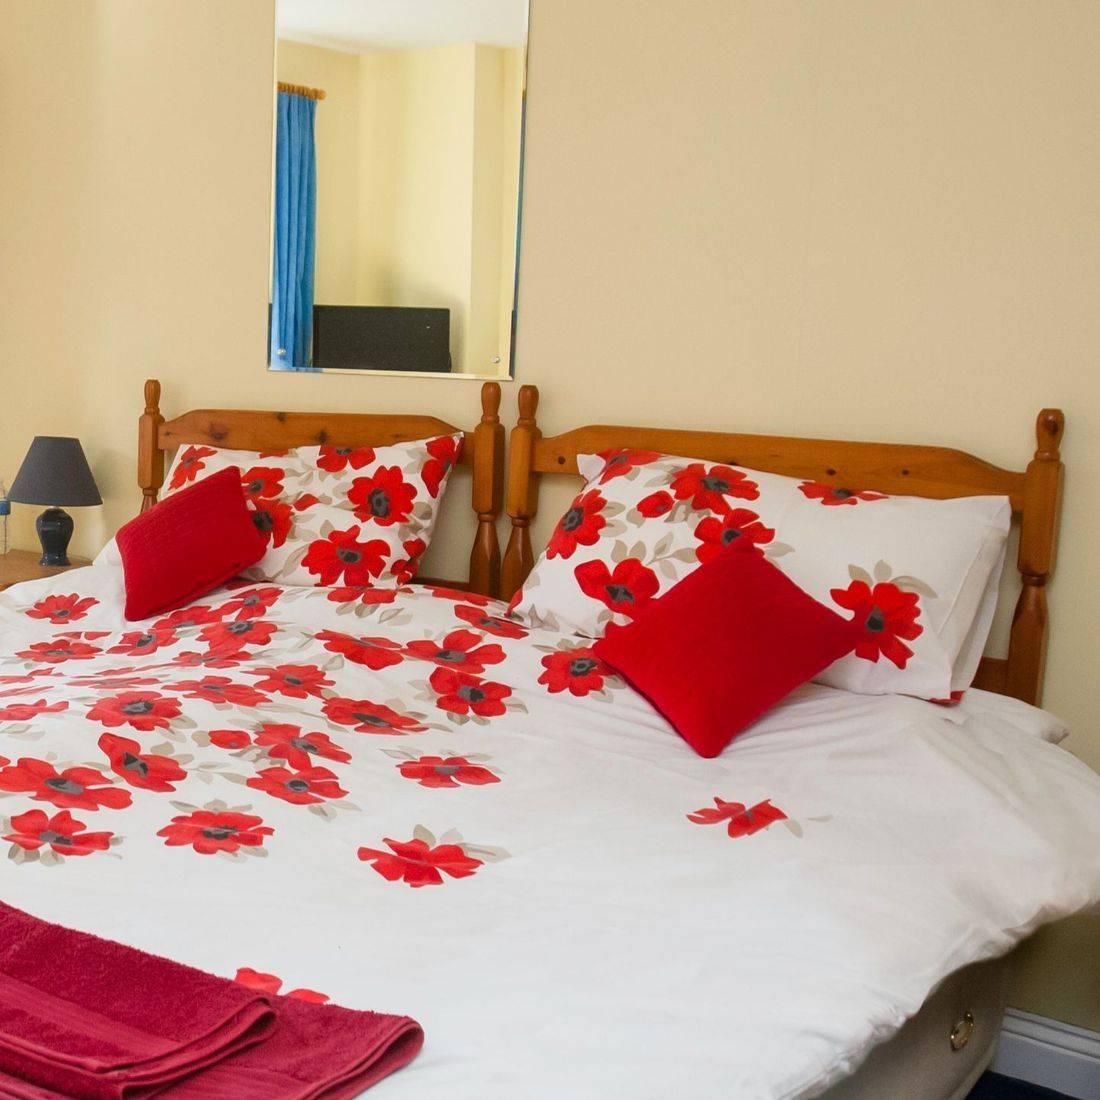 bedroom B&B room